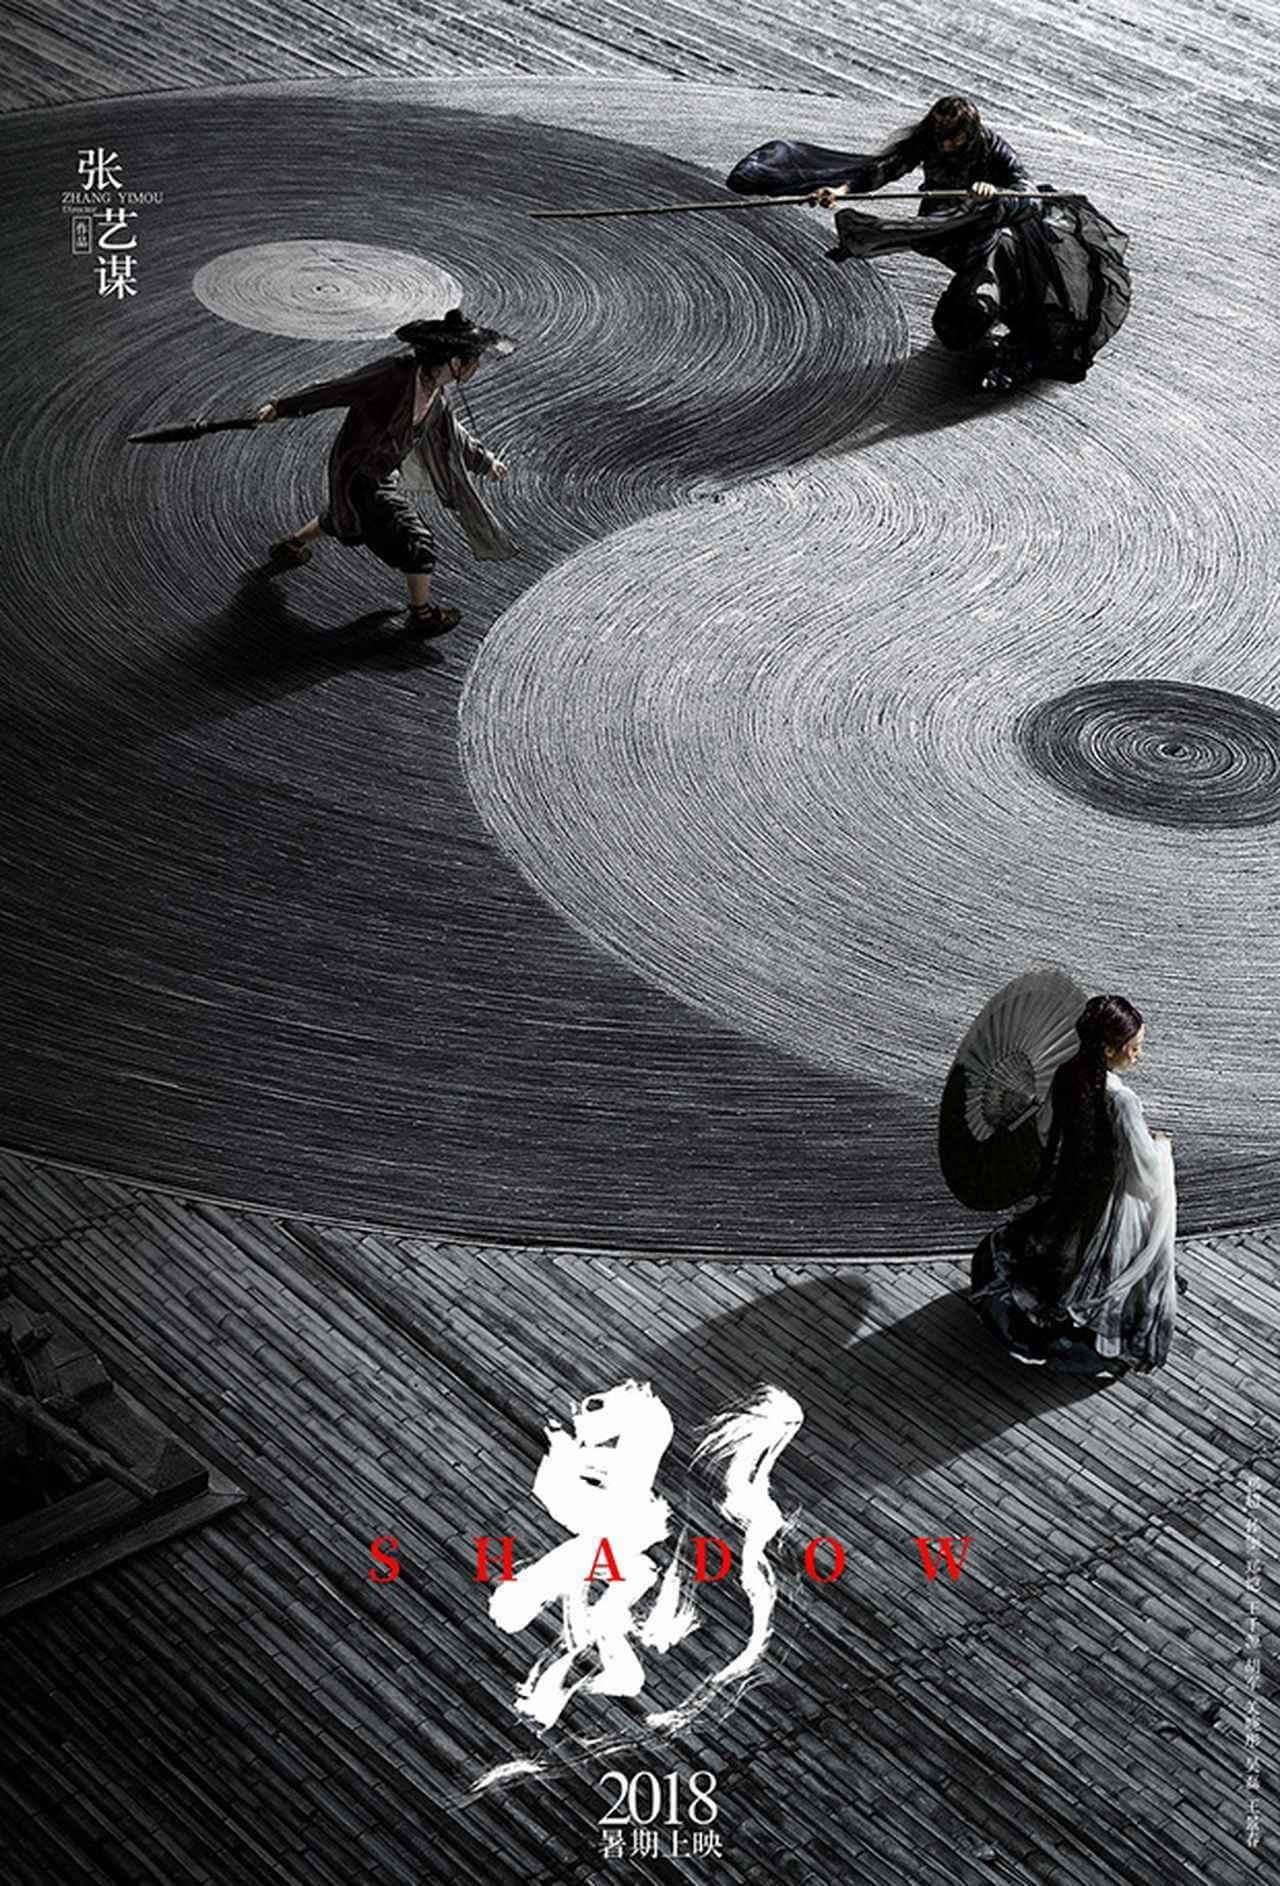 2018新年《影》(張藝謀作品),海報中的曲線說出「陰陽調和,相互證成」是不變的定律。